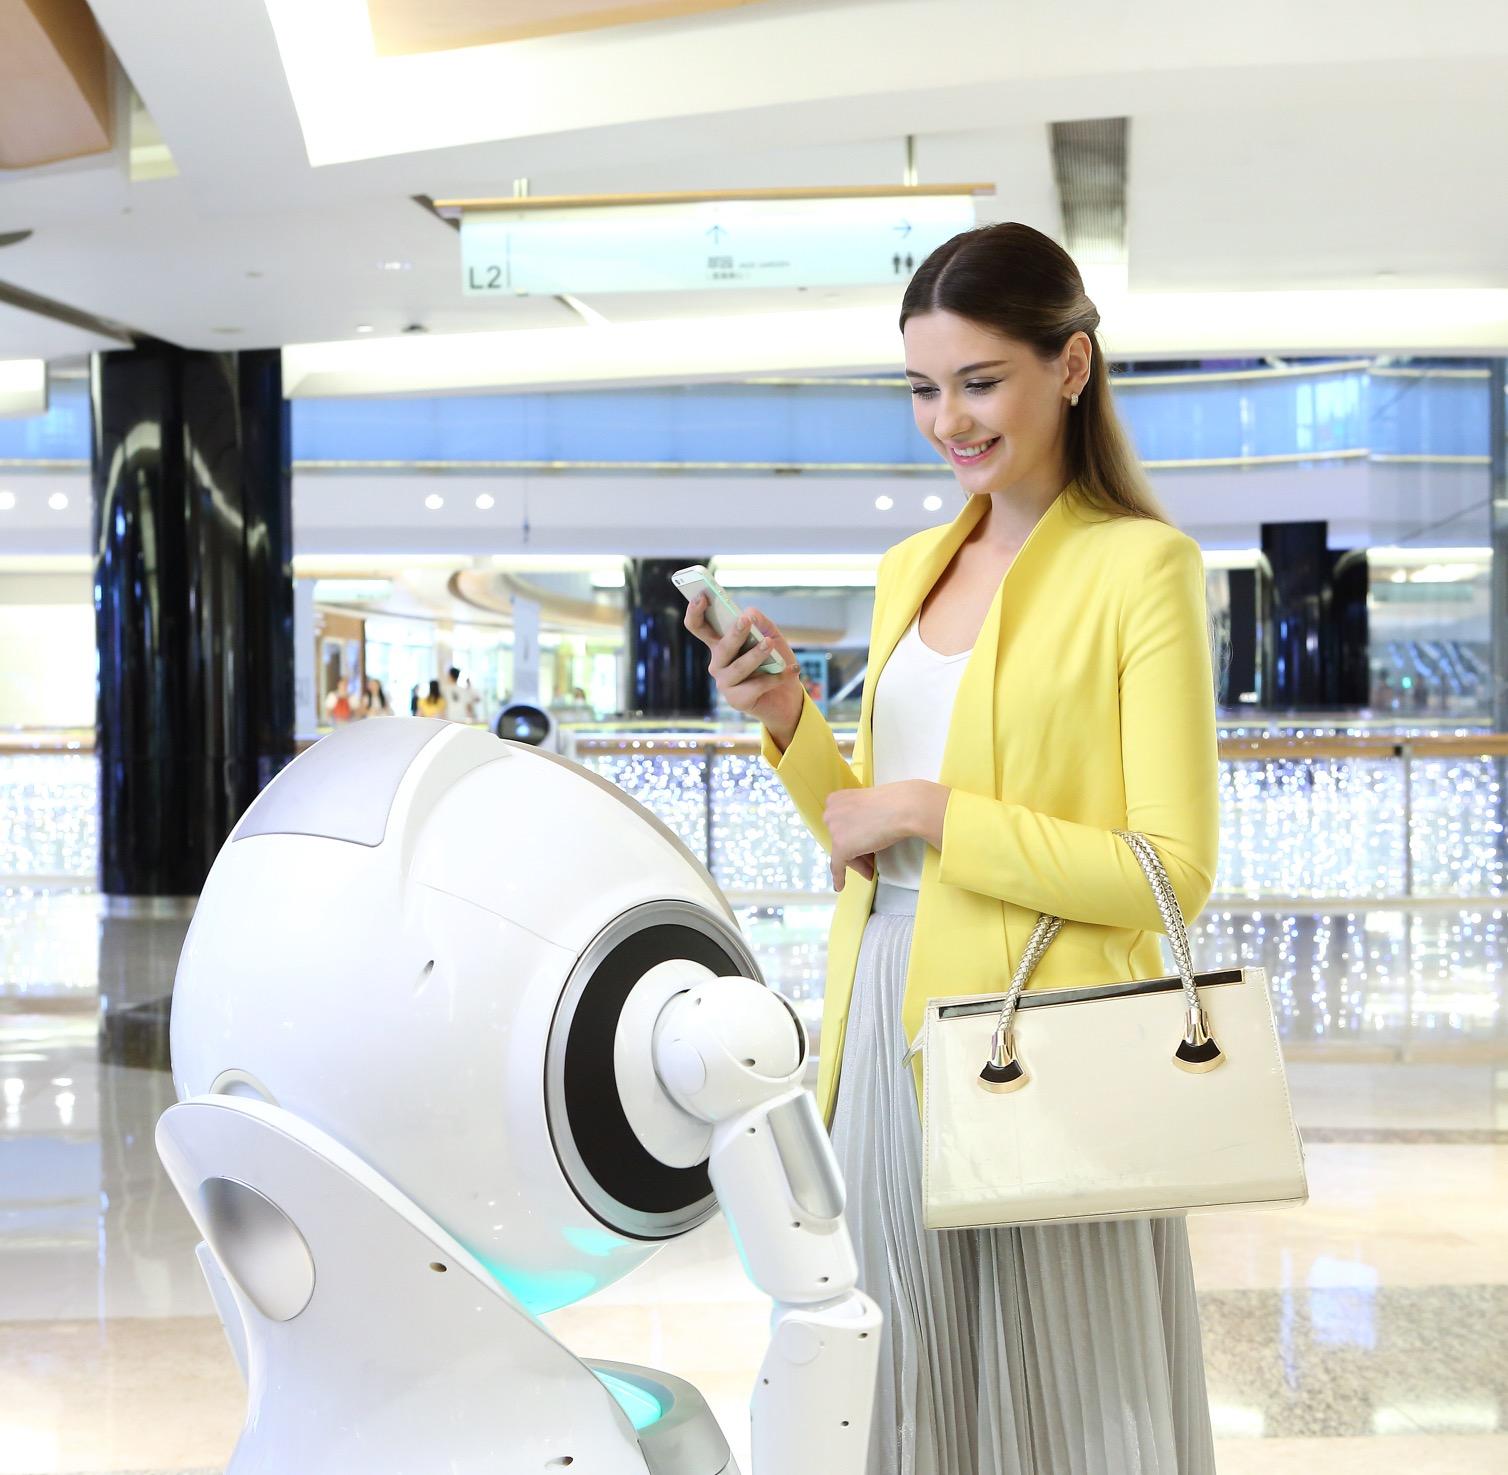 Desarrollo de robots de servicio